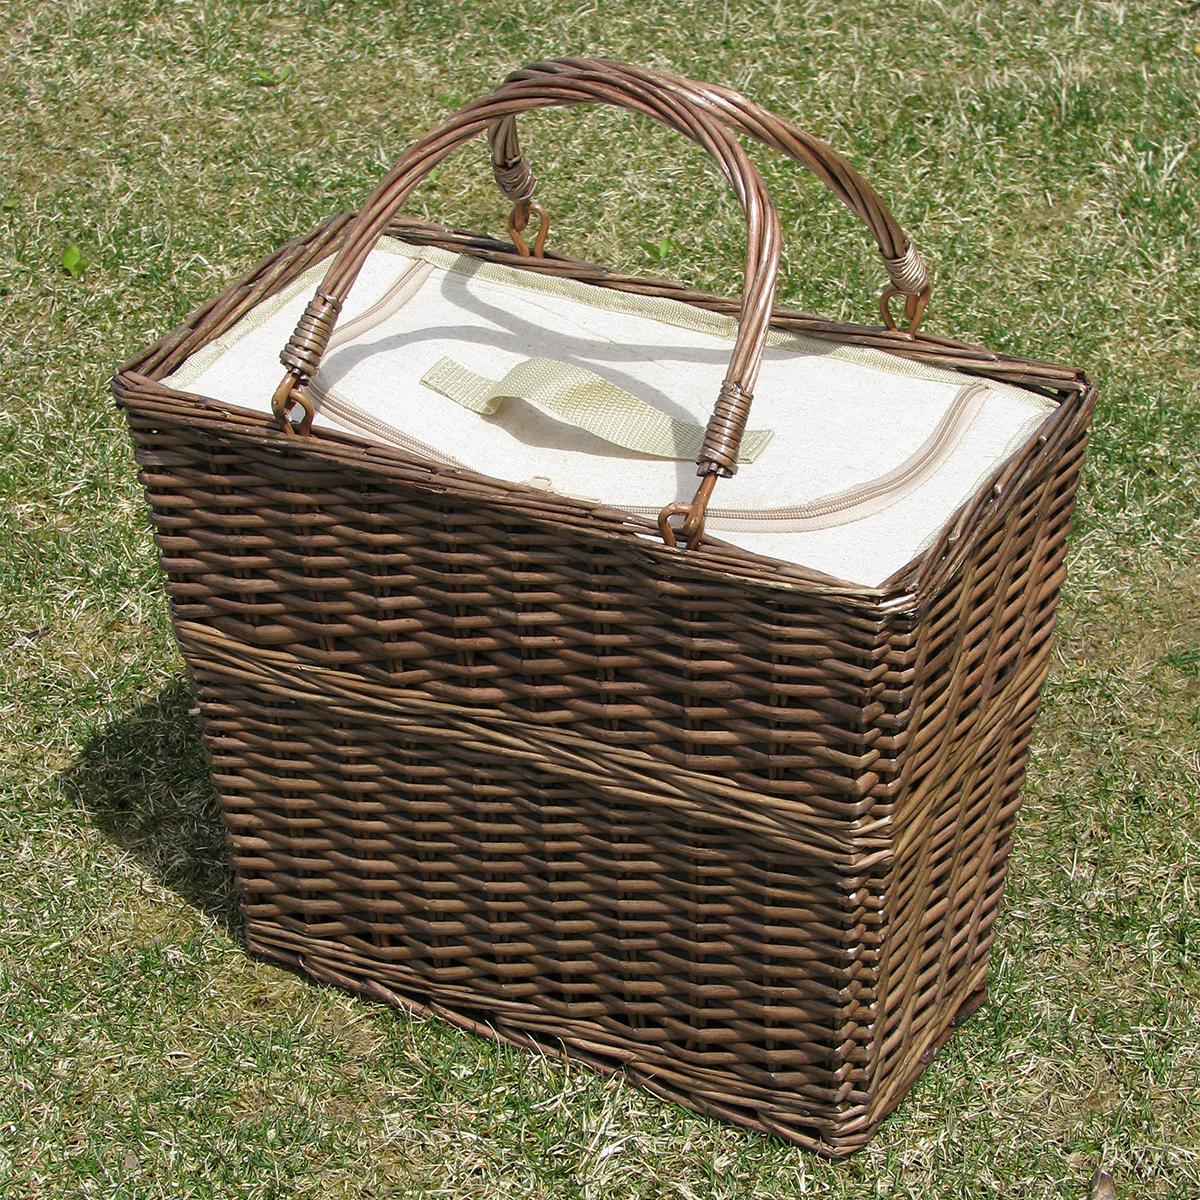 柳を編んだクラシックなデザインの伝統的なバスケット型の保冷バッグ|チェルシーフードクーラー